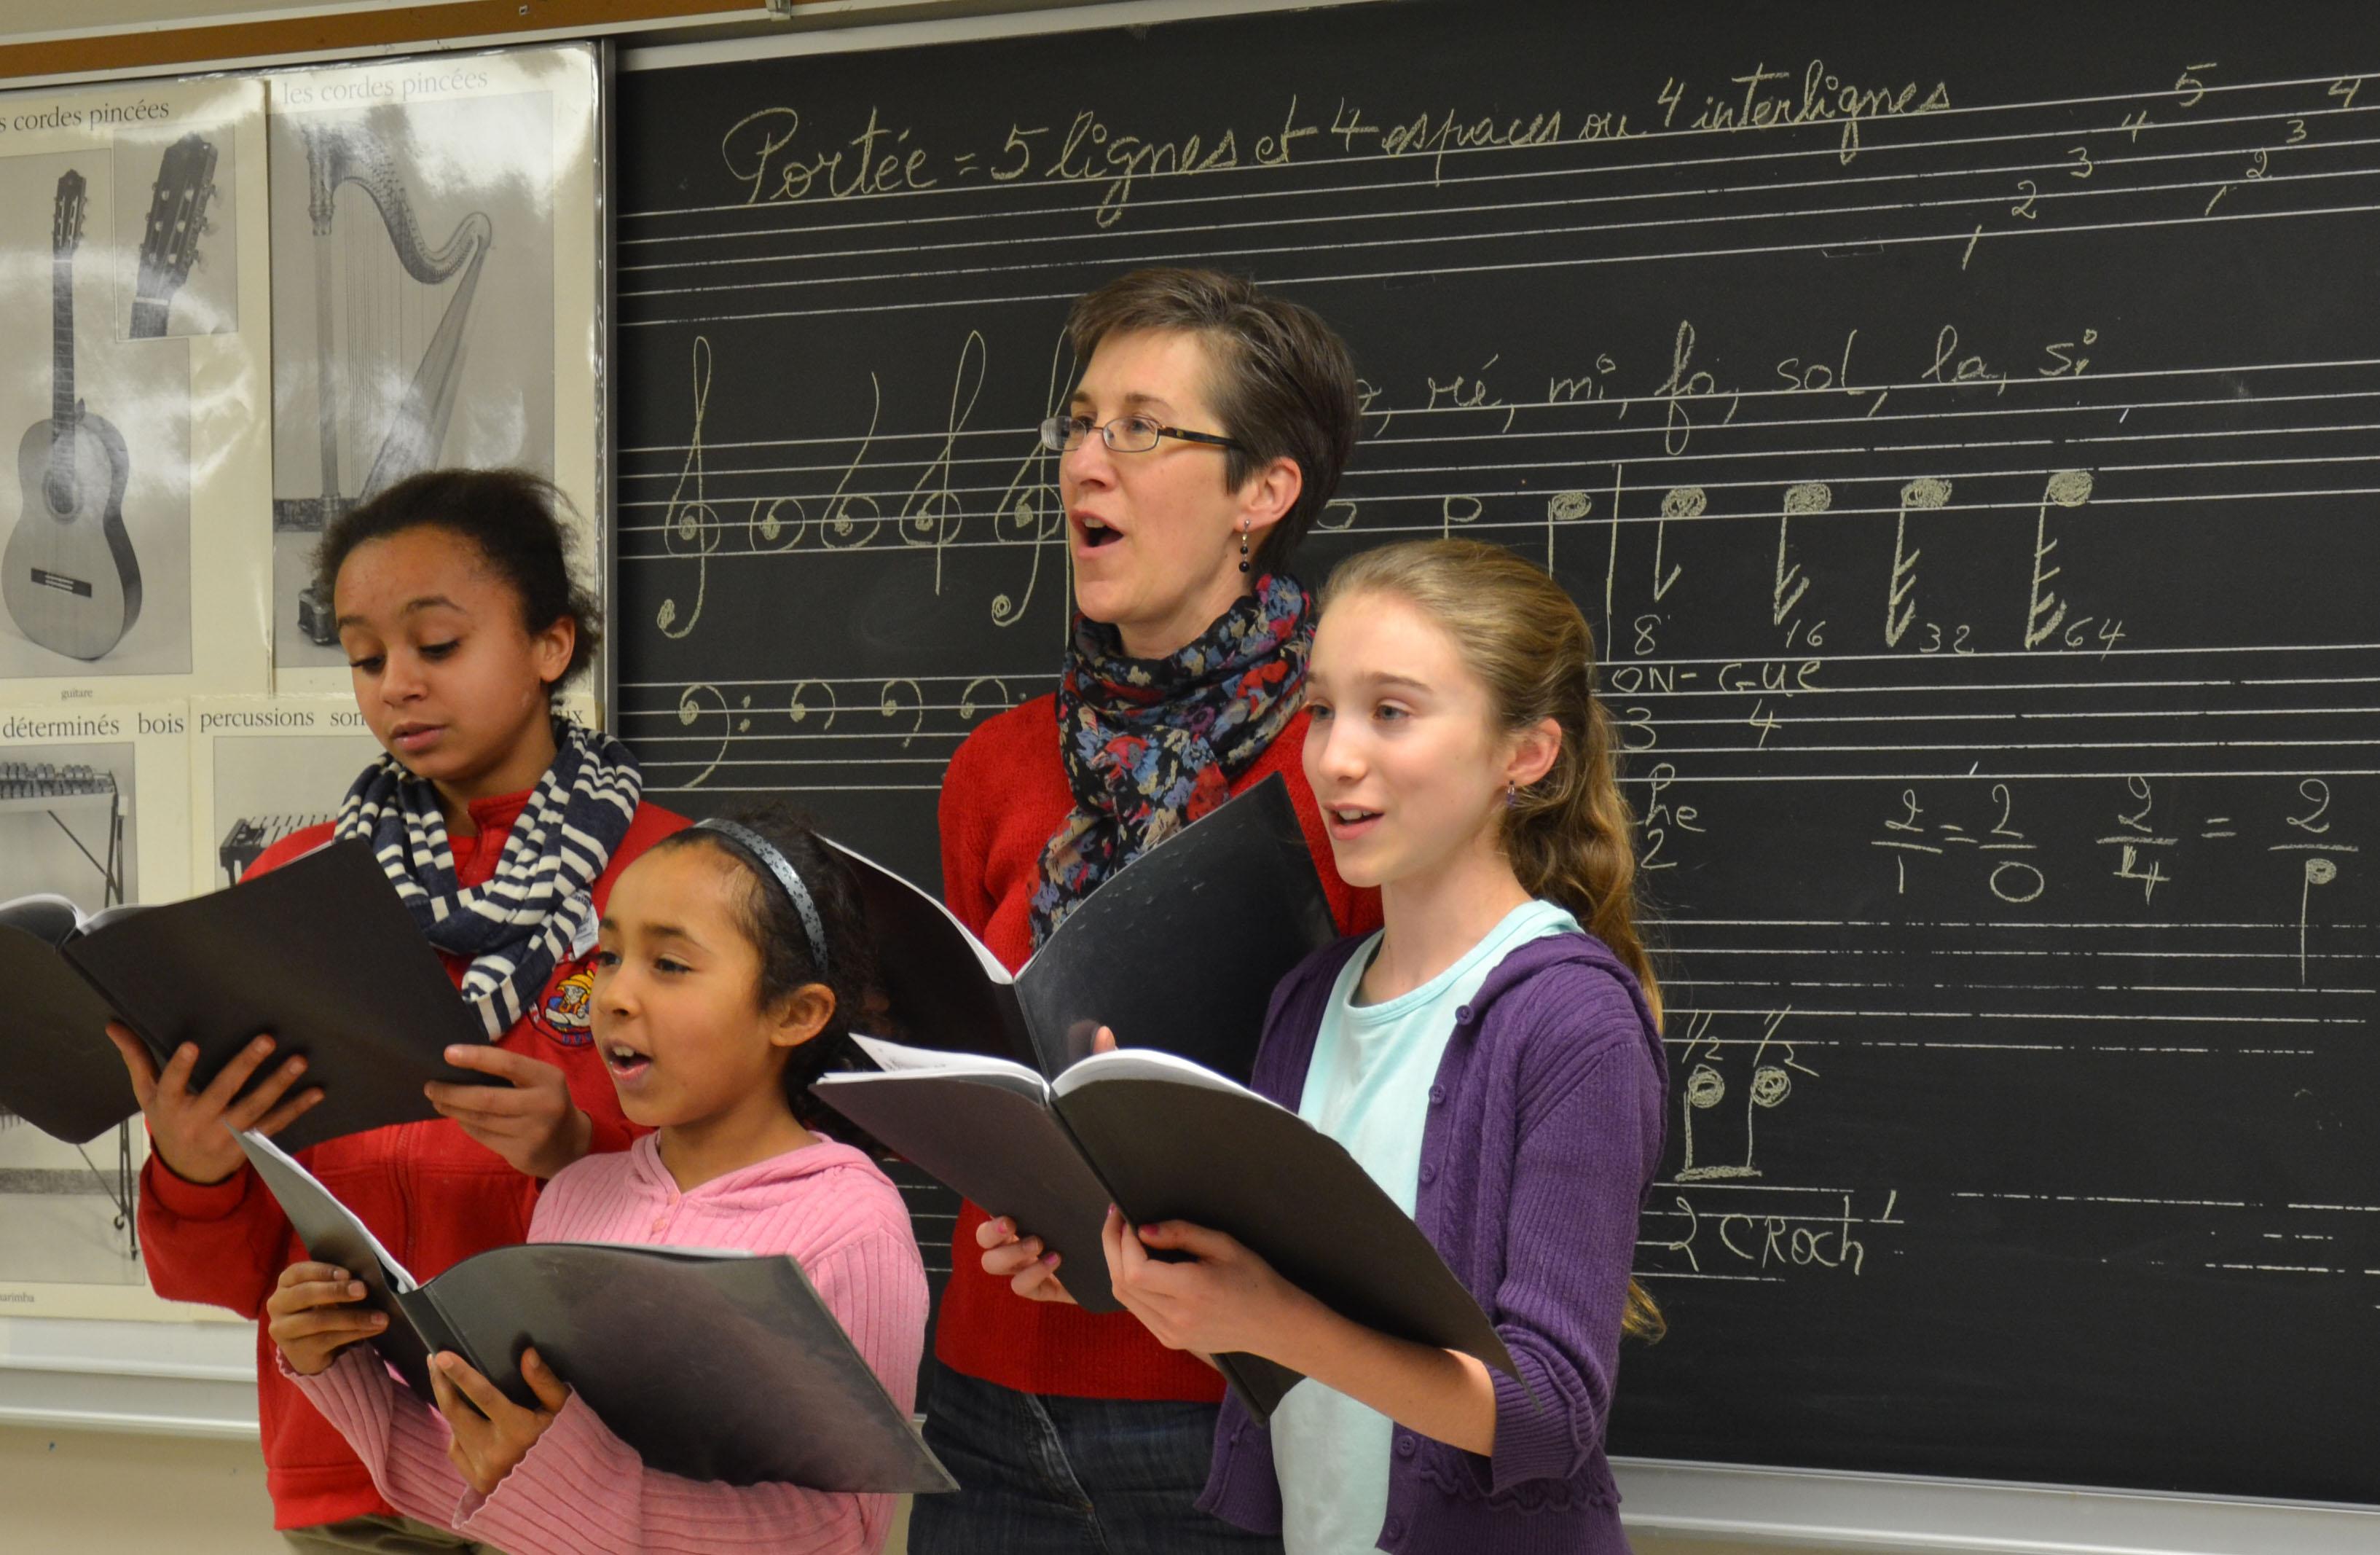 Quatre membres femelles de la chorale chantent devant une salle de classe